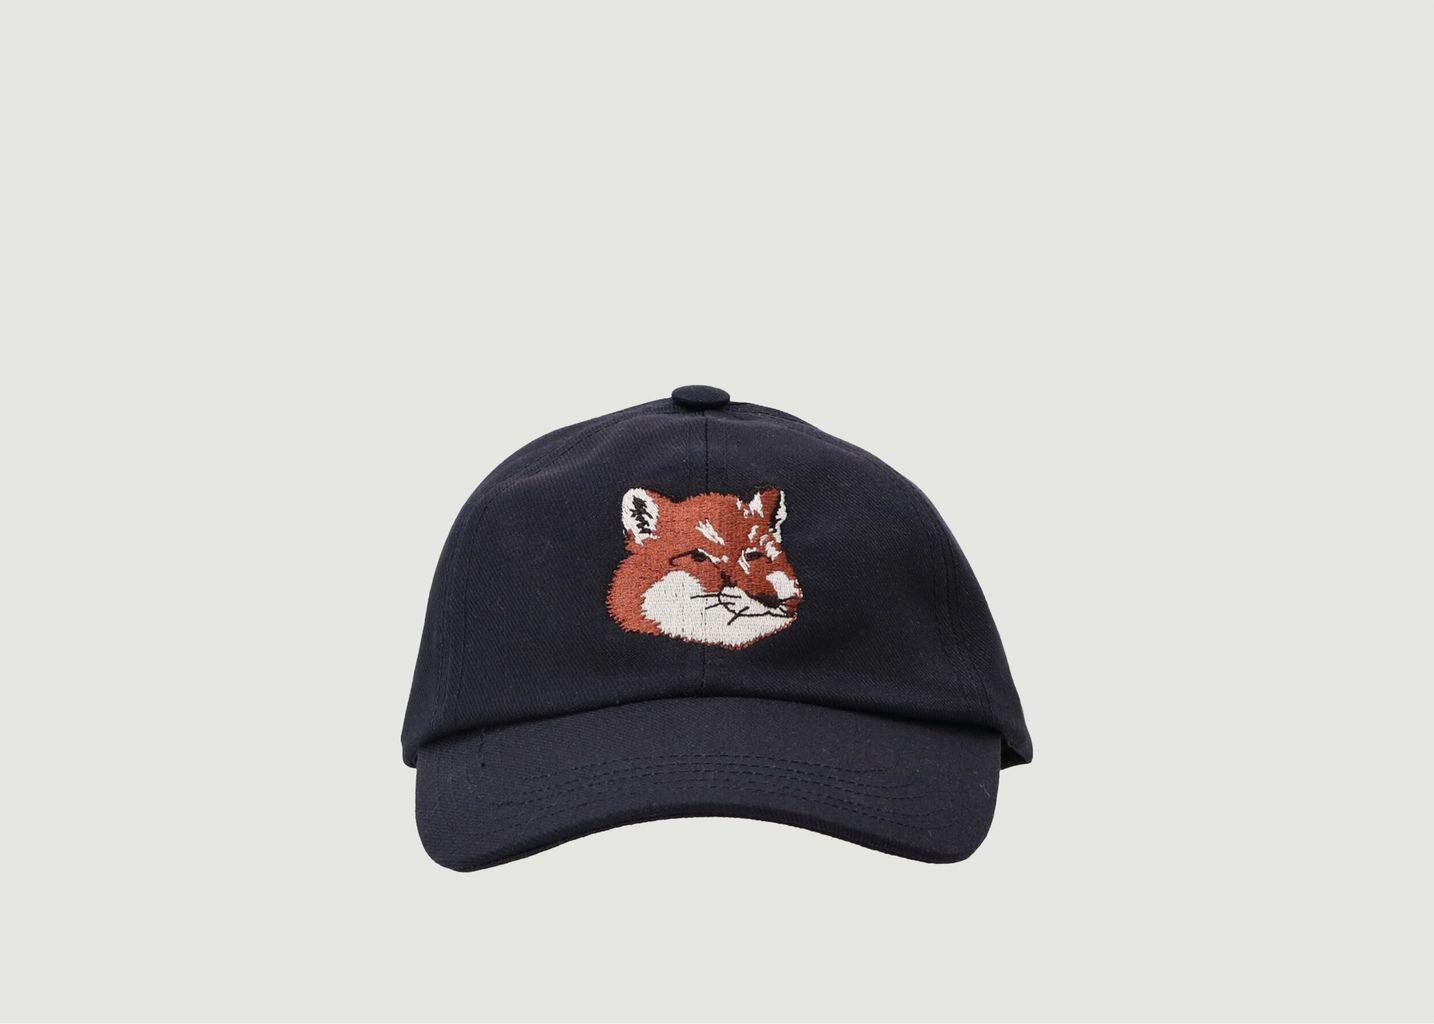 Casquette Fox Head brodé  - Maison Kitsuné